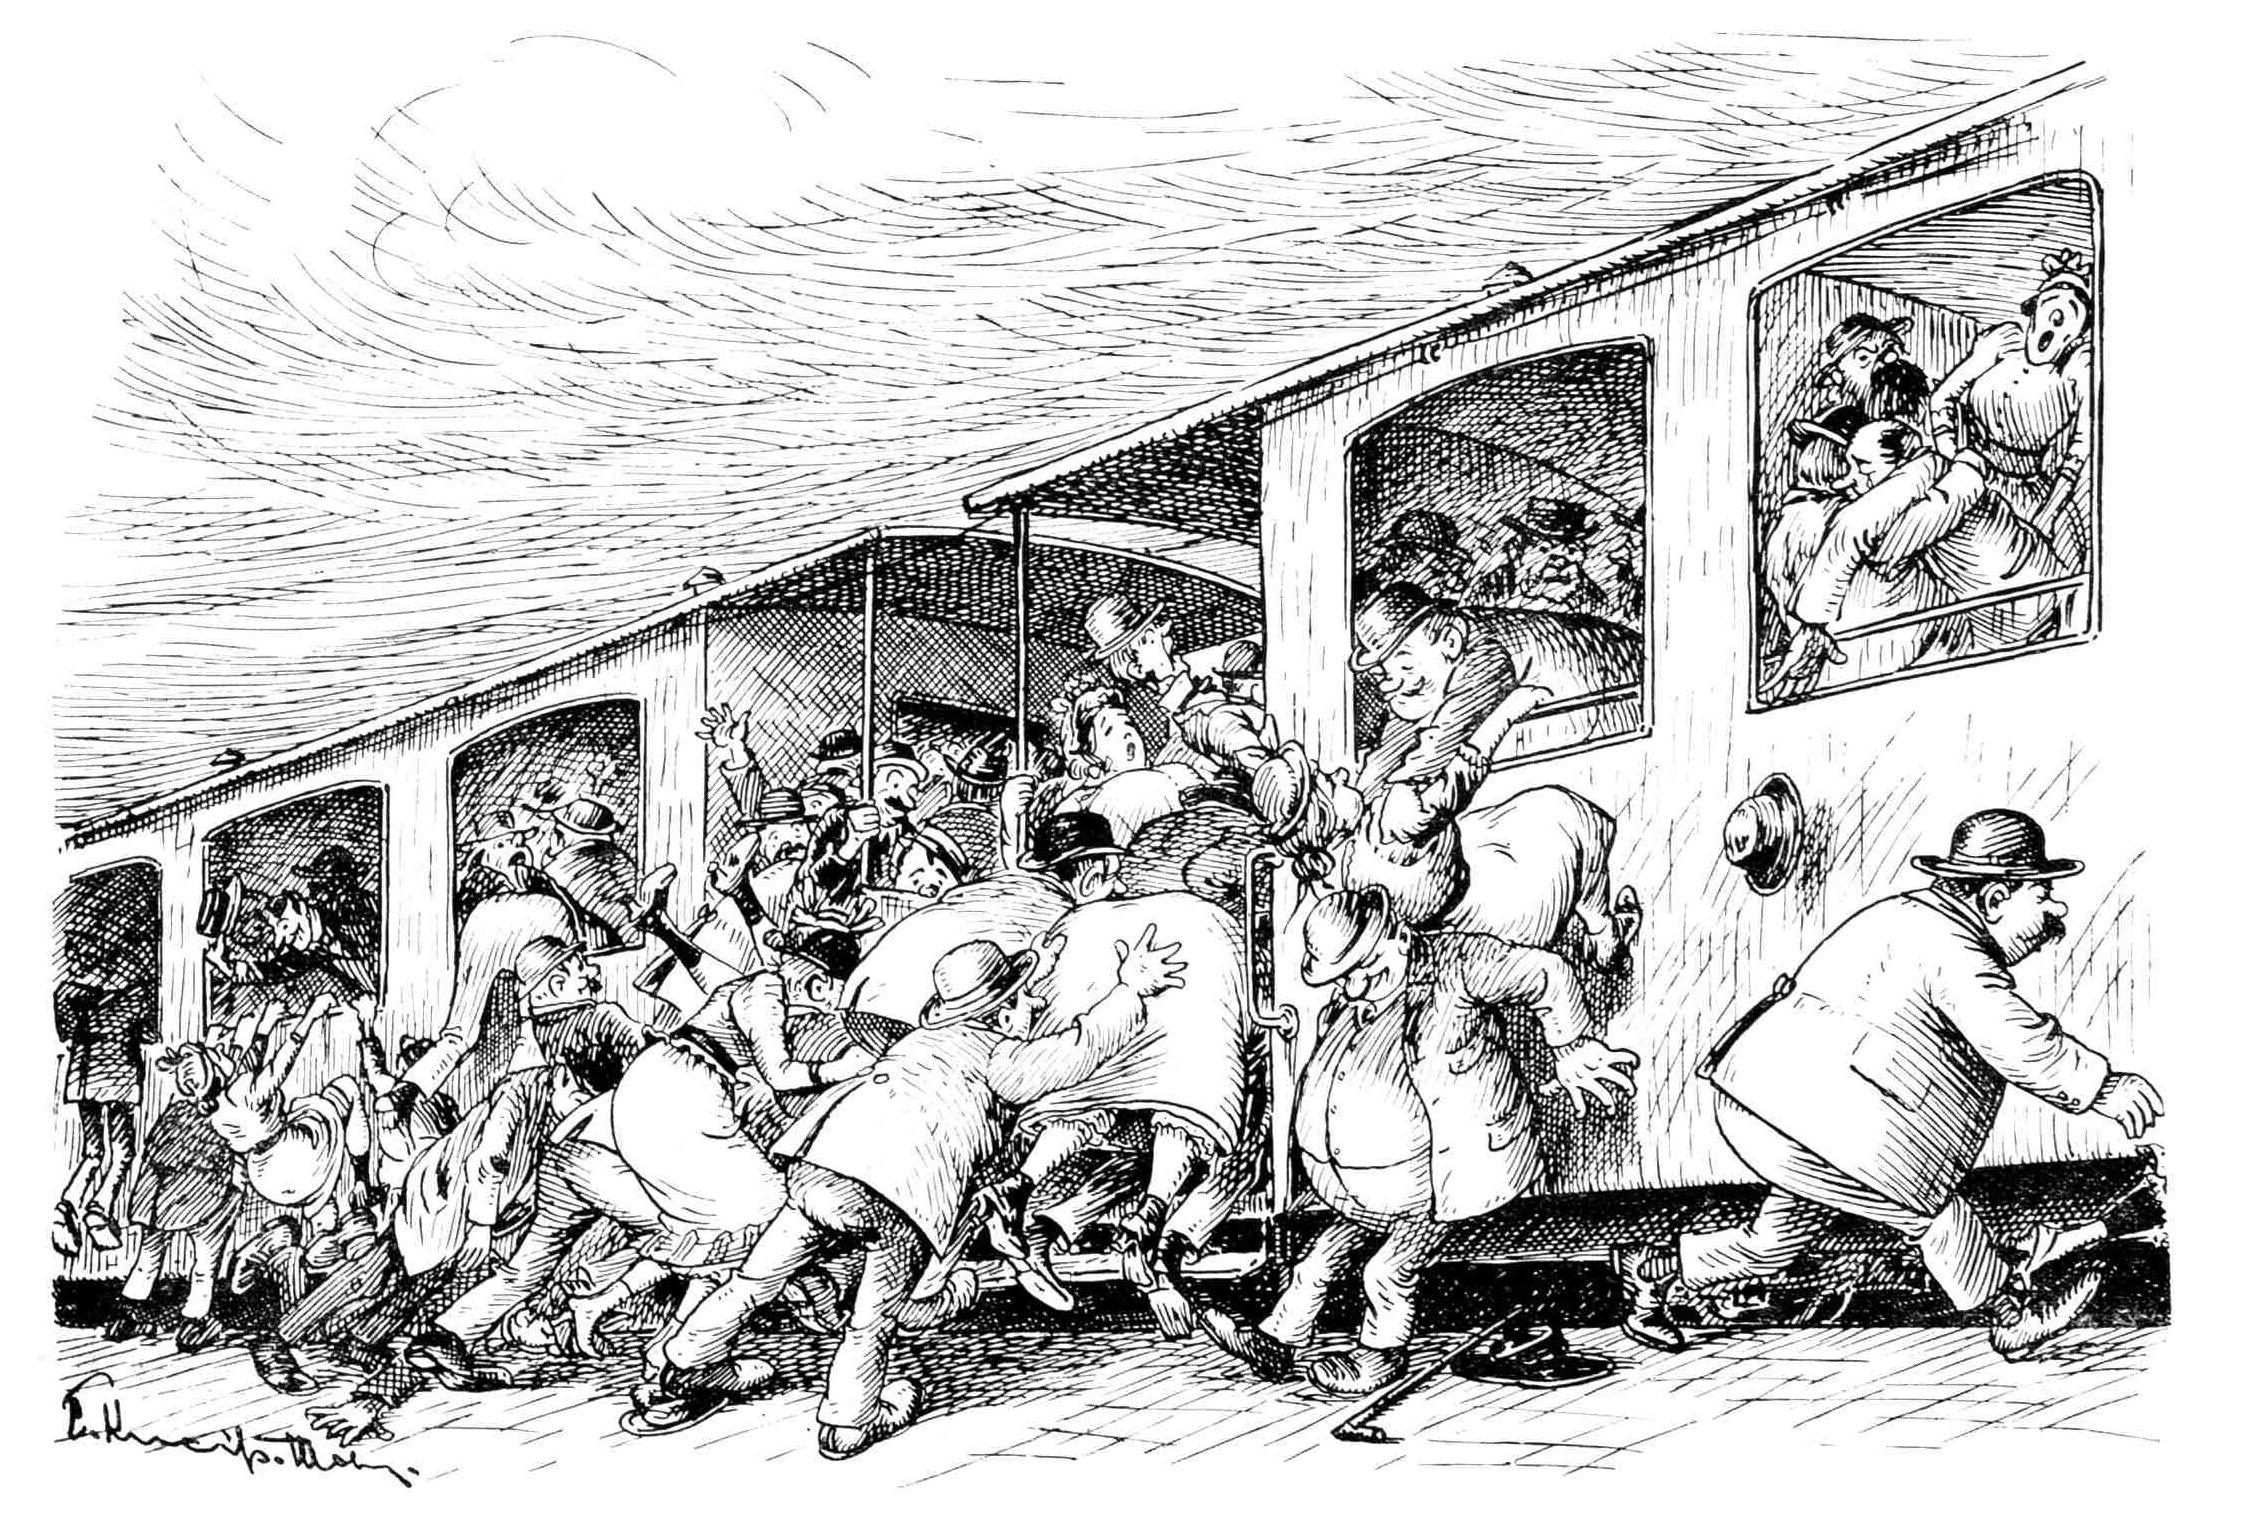 Bild: Menschenmenge stürmt in die Abteile eines Eisenbahnzuges